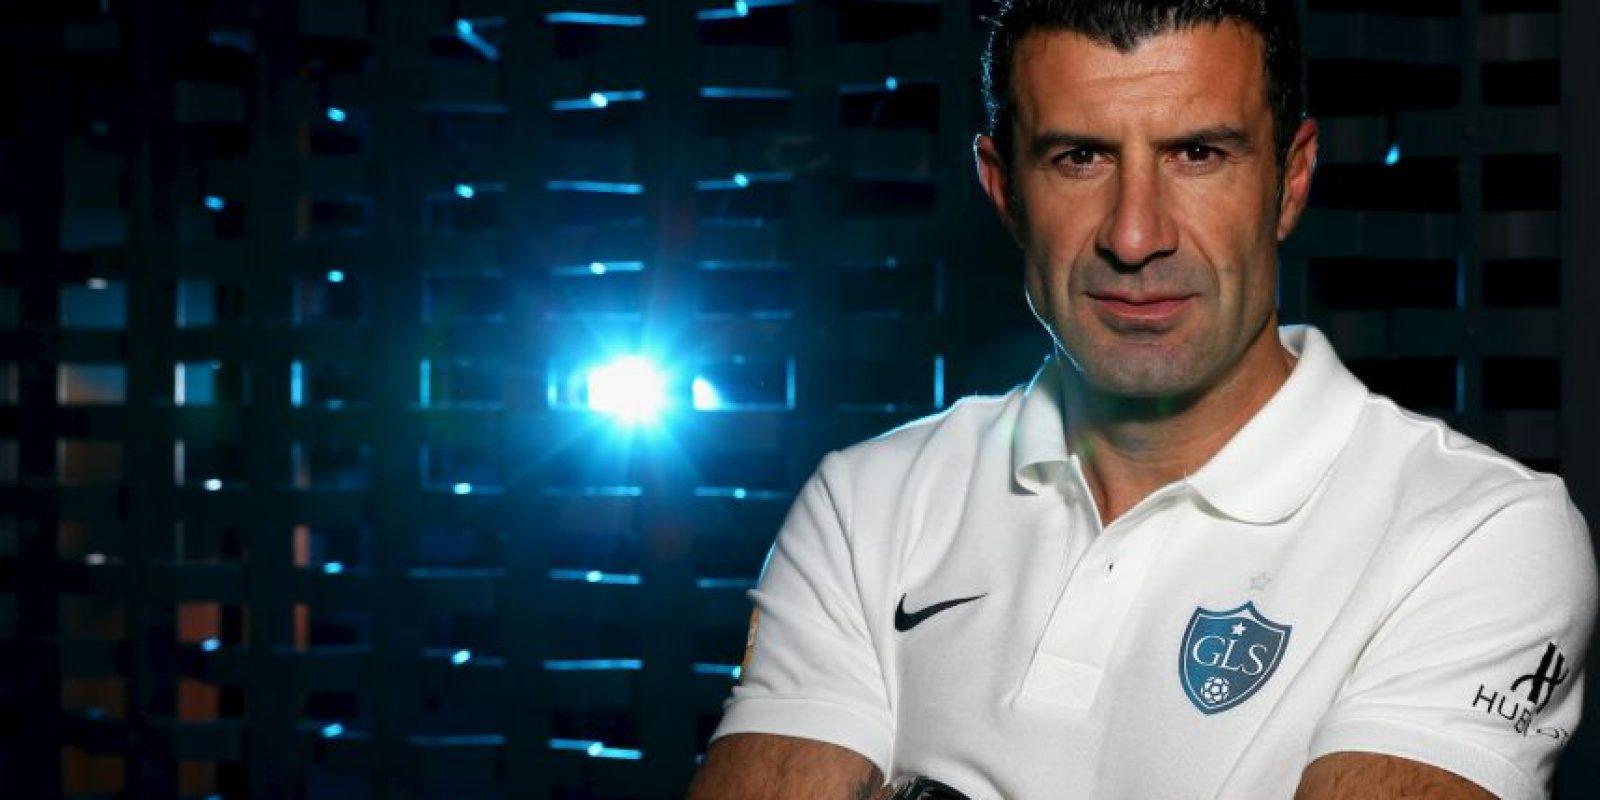 Dejó el cuadro merengue en 2005 y jugó sus últimos años como profesional en el Inter de Milán, equipo en el que se retiró en 2009. Foto:Getty Images